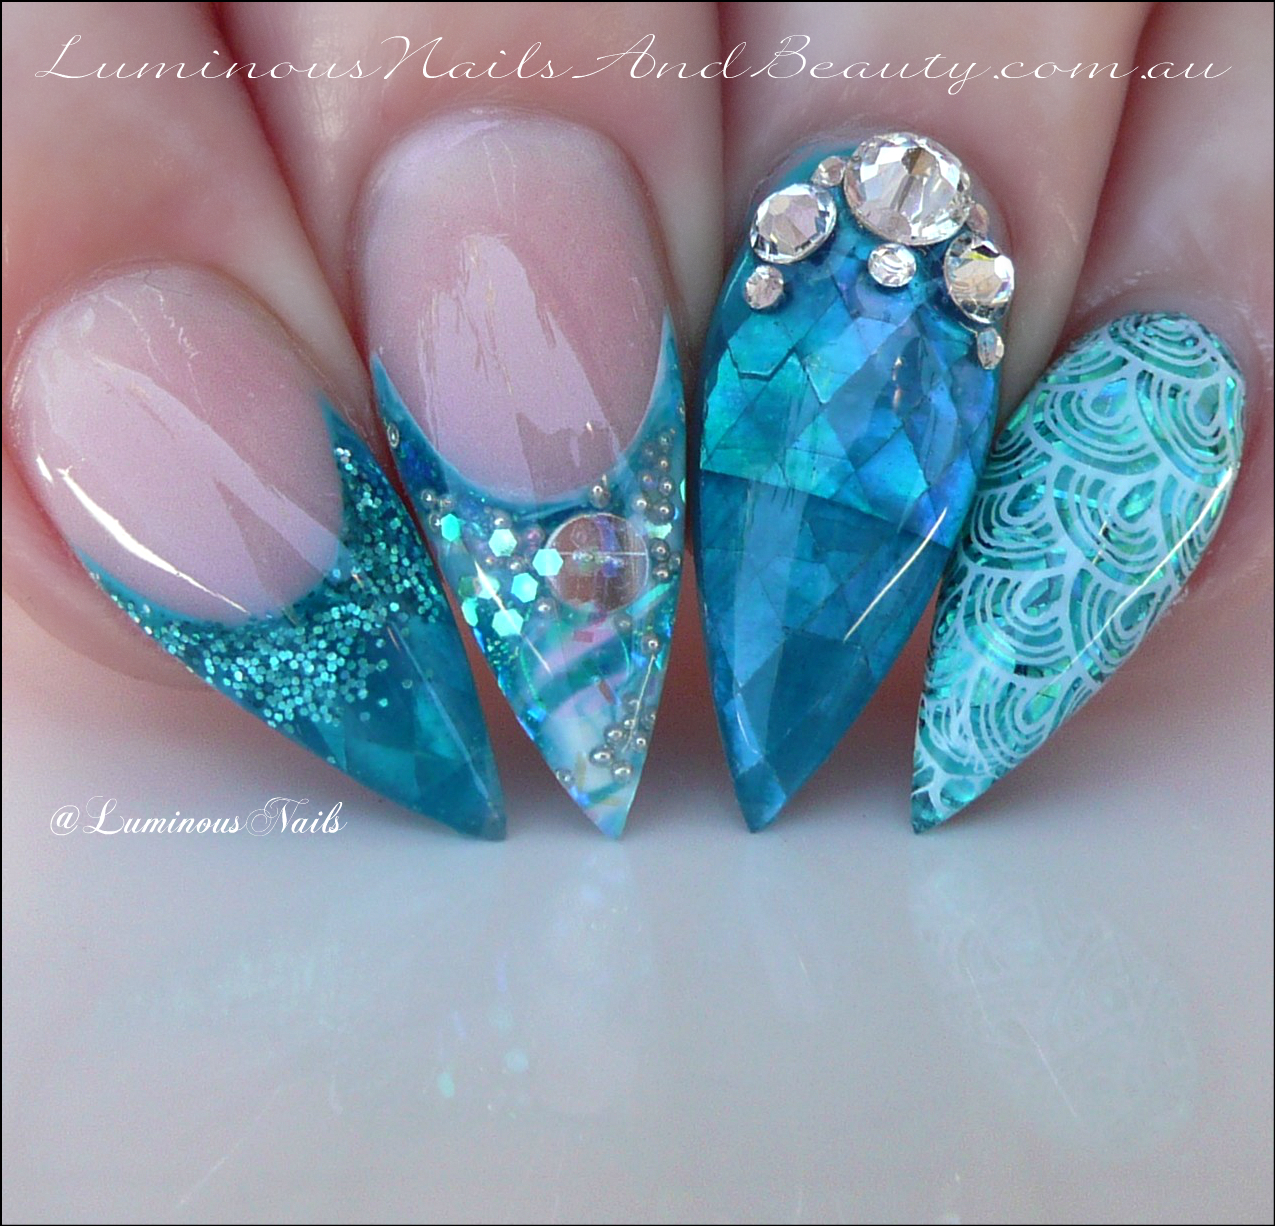 Luminous Nails: Aquamarine/Turquoise Mermaid Inspired Acrylic Nails..